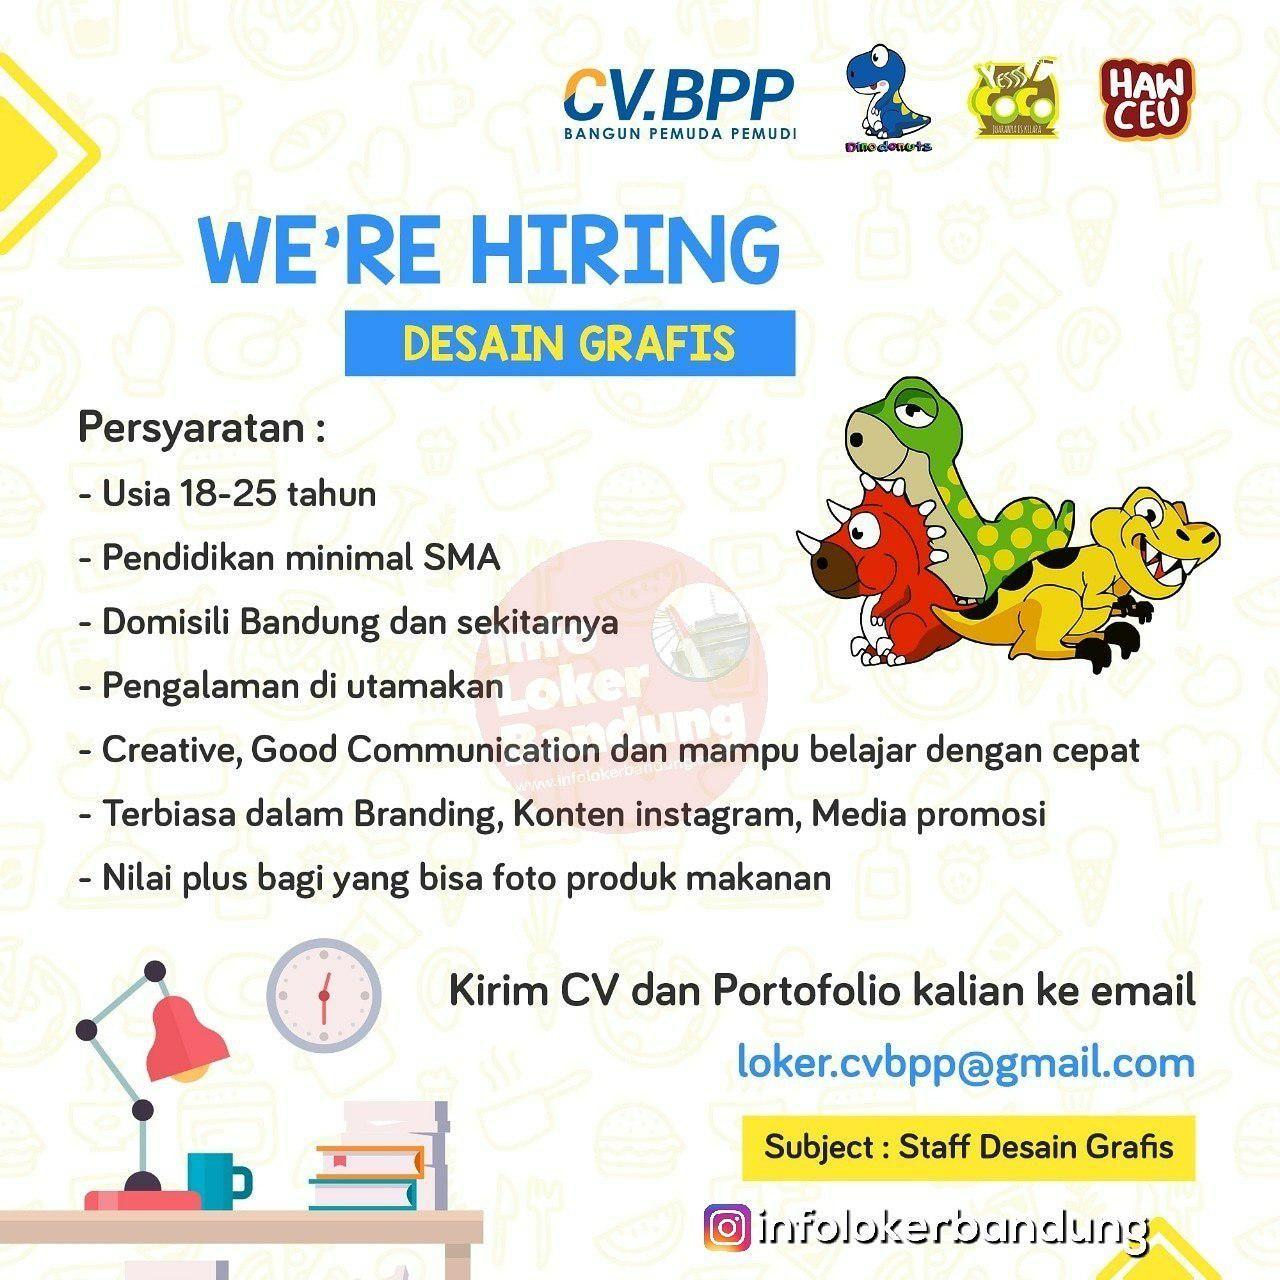 Lowongan Kerja Desain Grafis Cv Bpp Bandung Januari 2019 Grafis